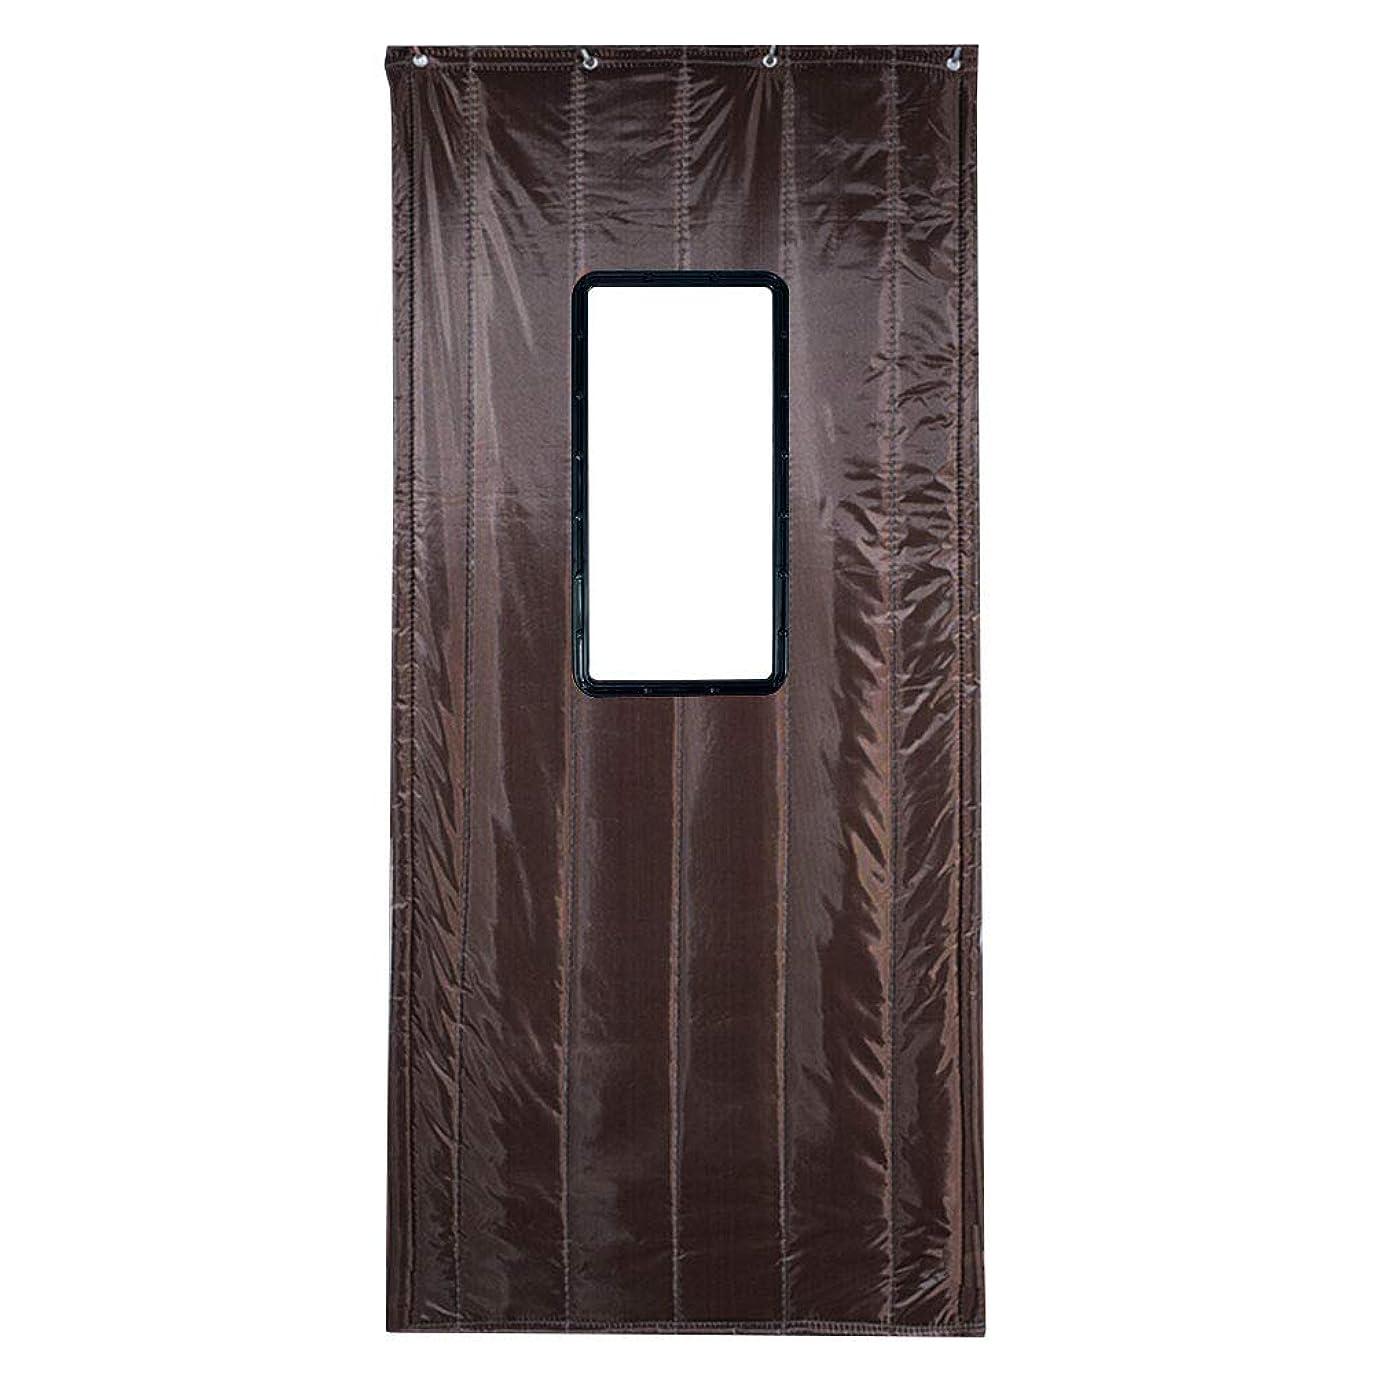 確執露出度の高いアラバマWUFENG ドアカーテン 厚い コットン 絶縁 防風 ハーディー 防水 ウィンドウで、 4色 複数のサイズ カスタマイズ可能 (色 : B, サイズ さいず : 120x200cm)